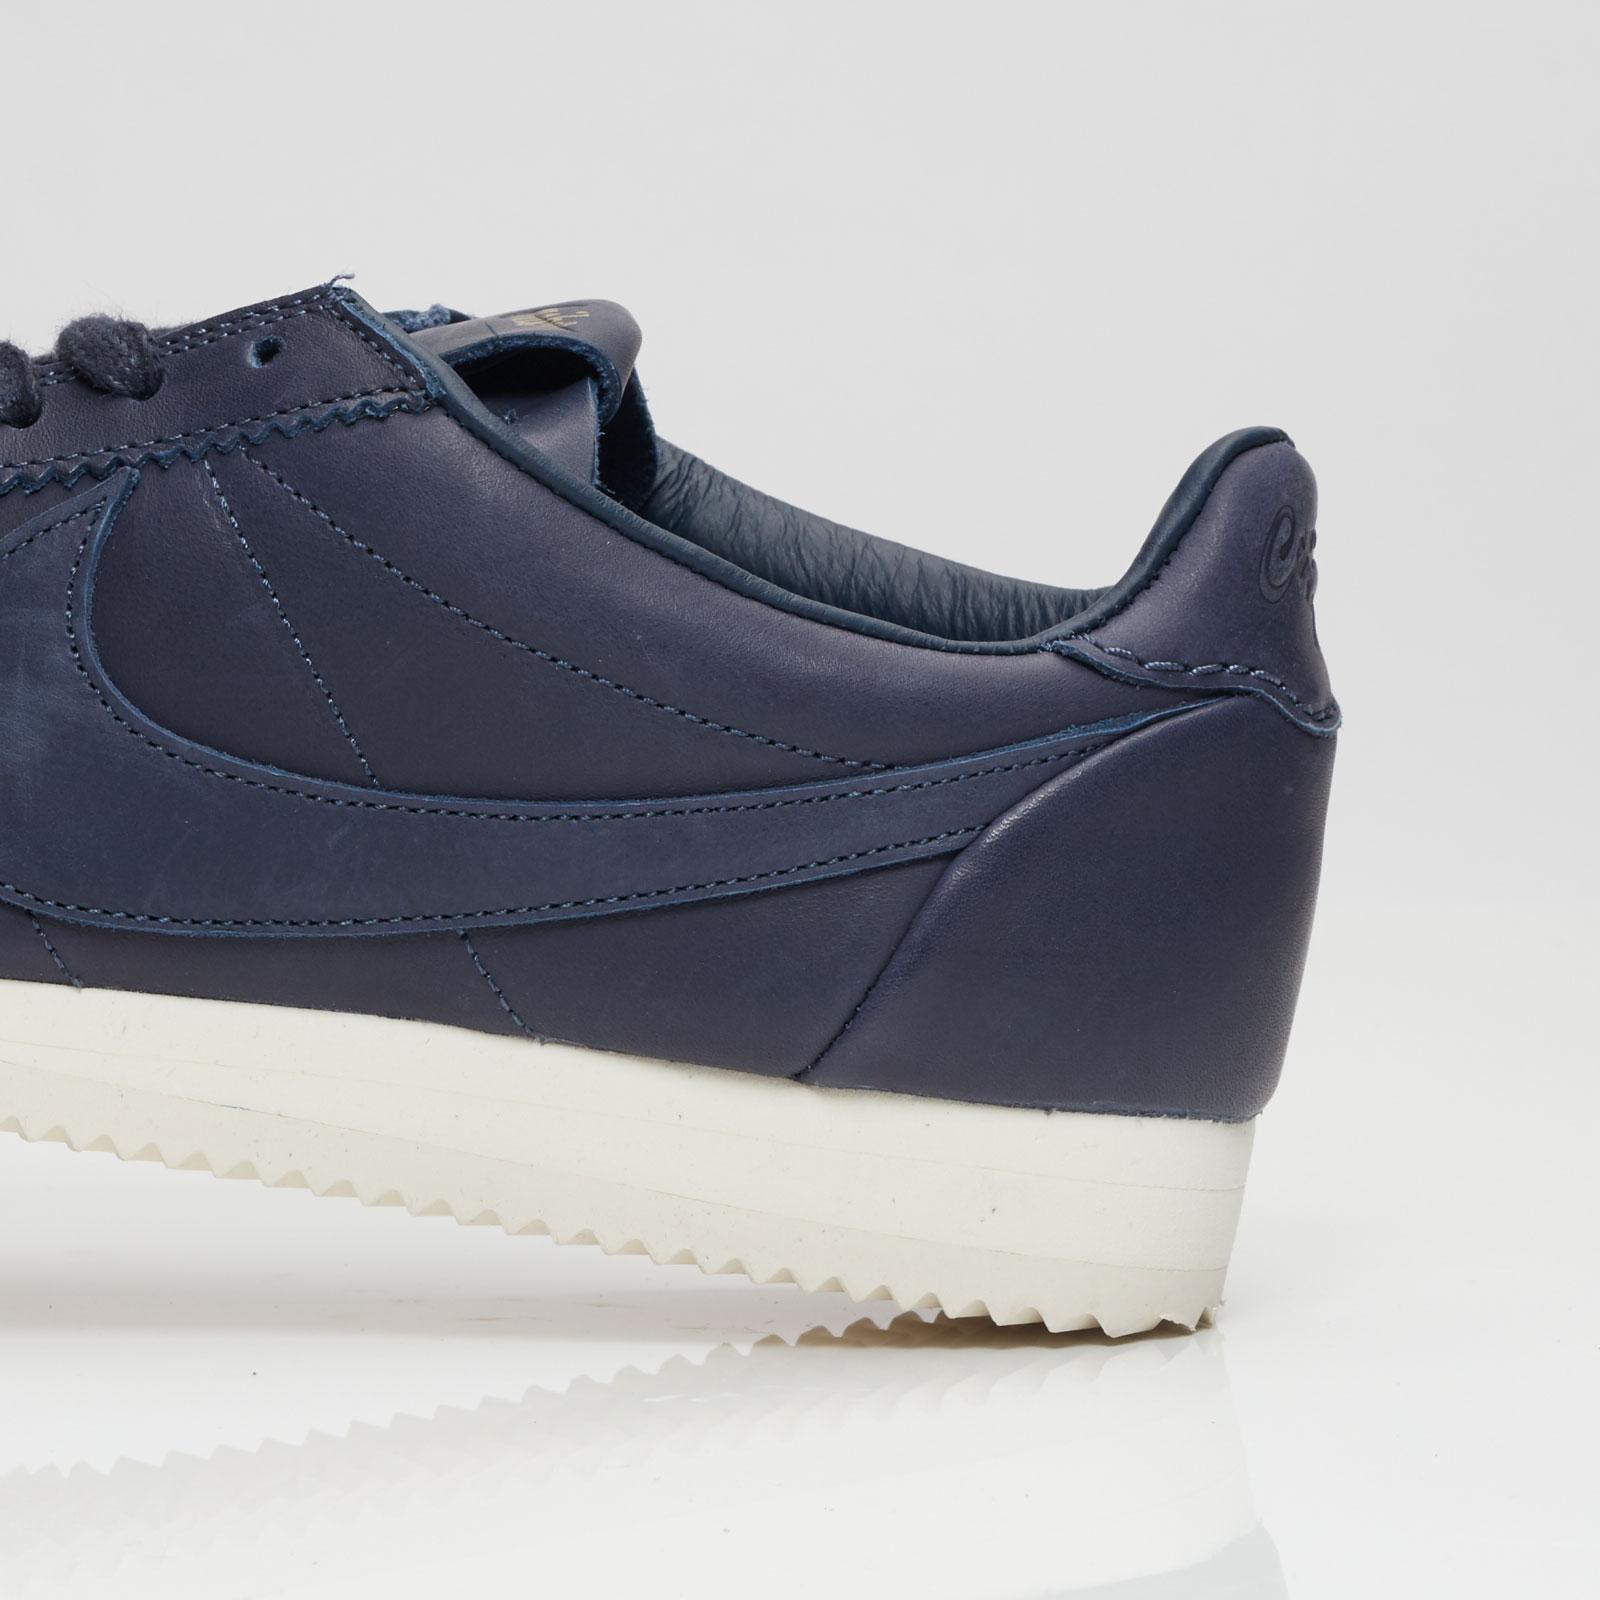 Nike Qs Prem Cortez Classique Tz Bas-tops Et Chaussures De Sport 9lywVkBom